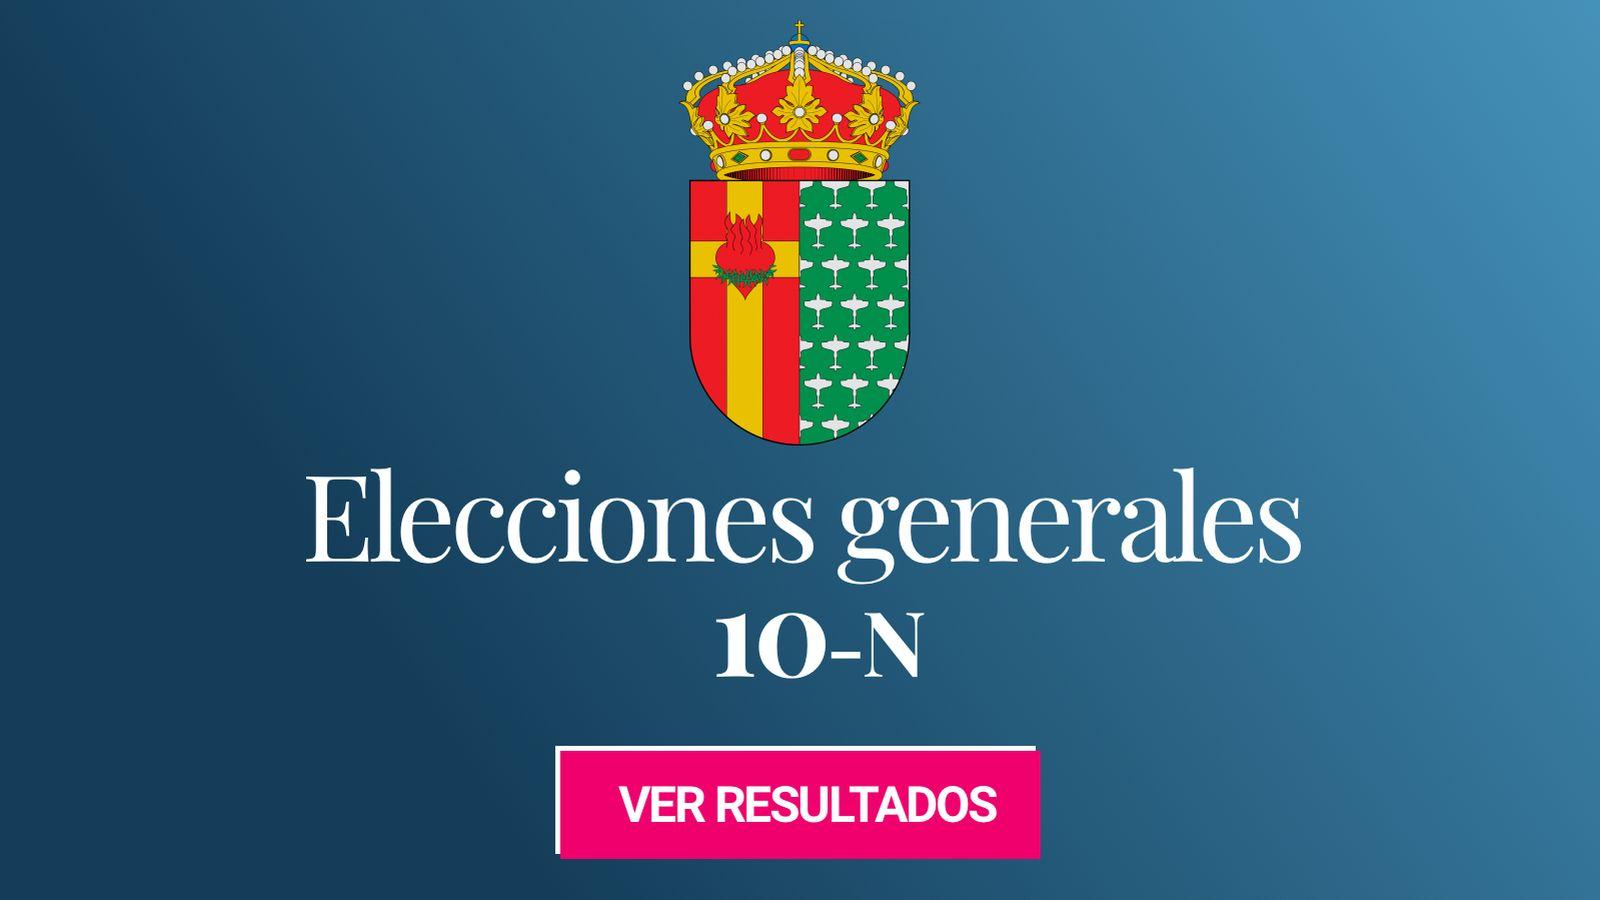 Foto: Elecciones generales 2019 en Getafe. (C.C./EC)